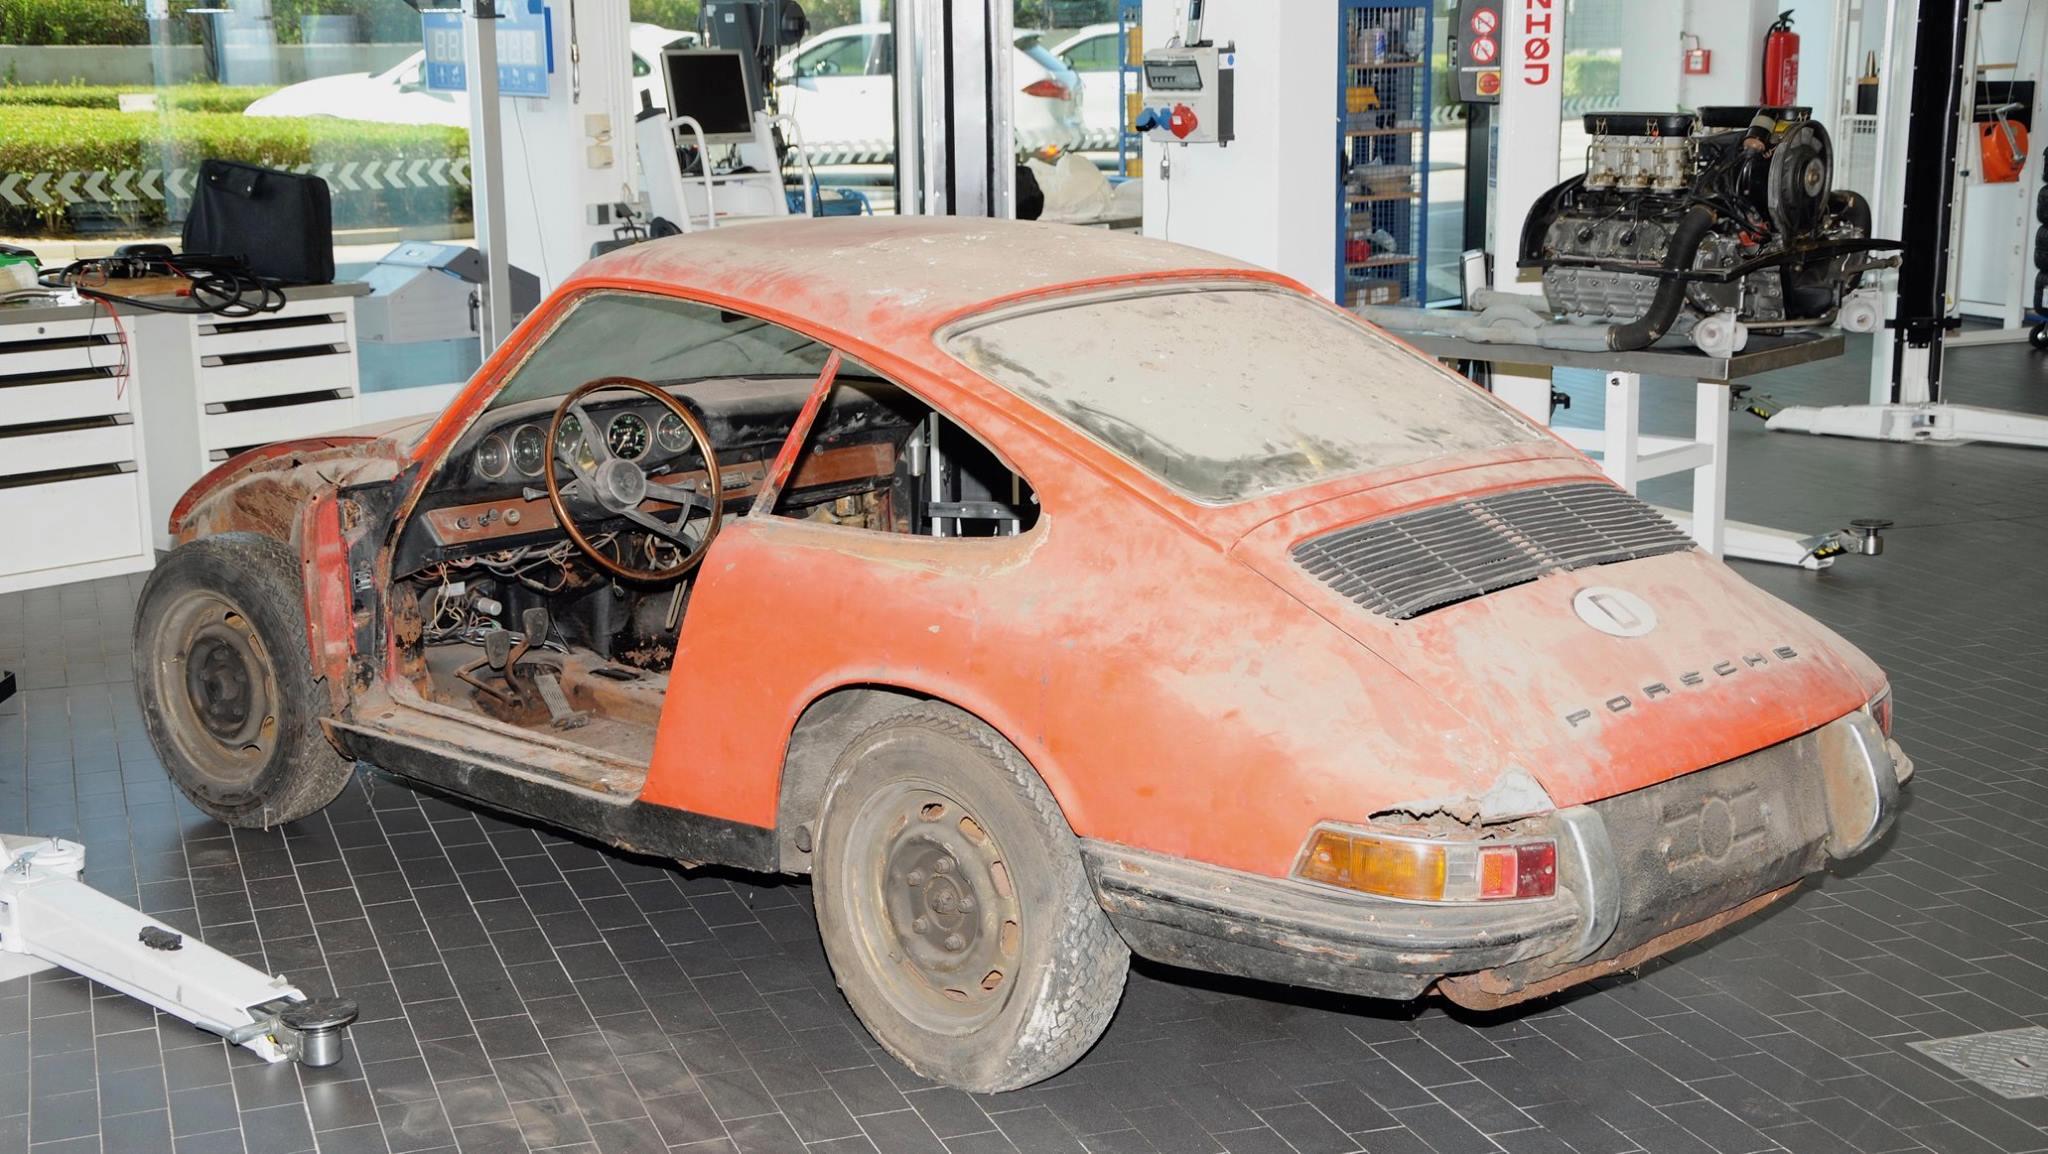 Porsche 901 911 restoration porsche museum (3)